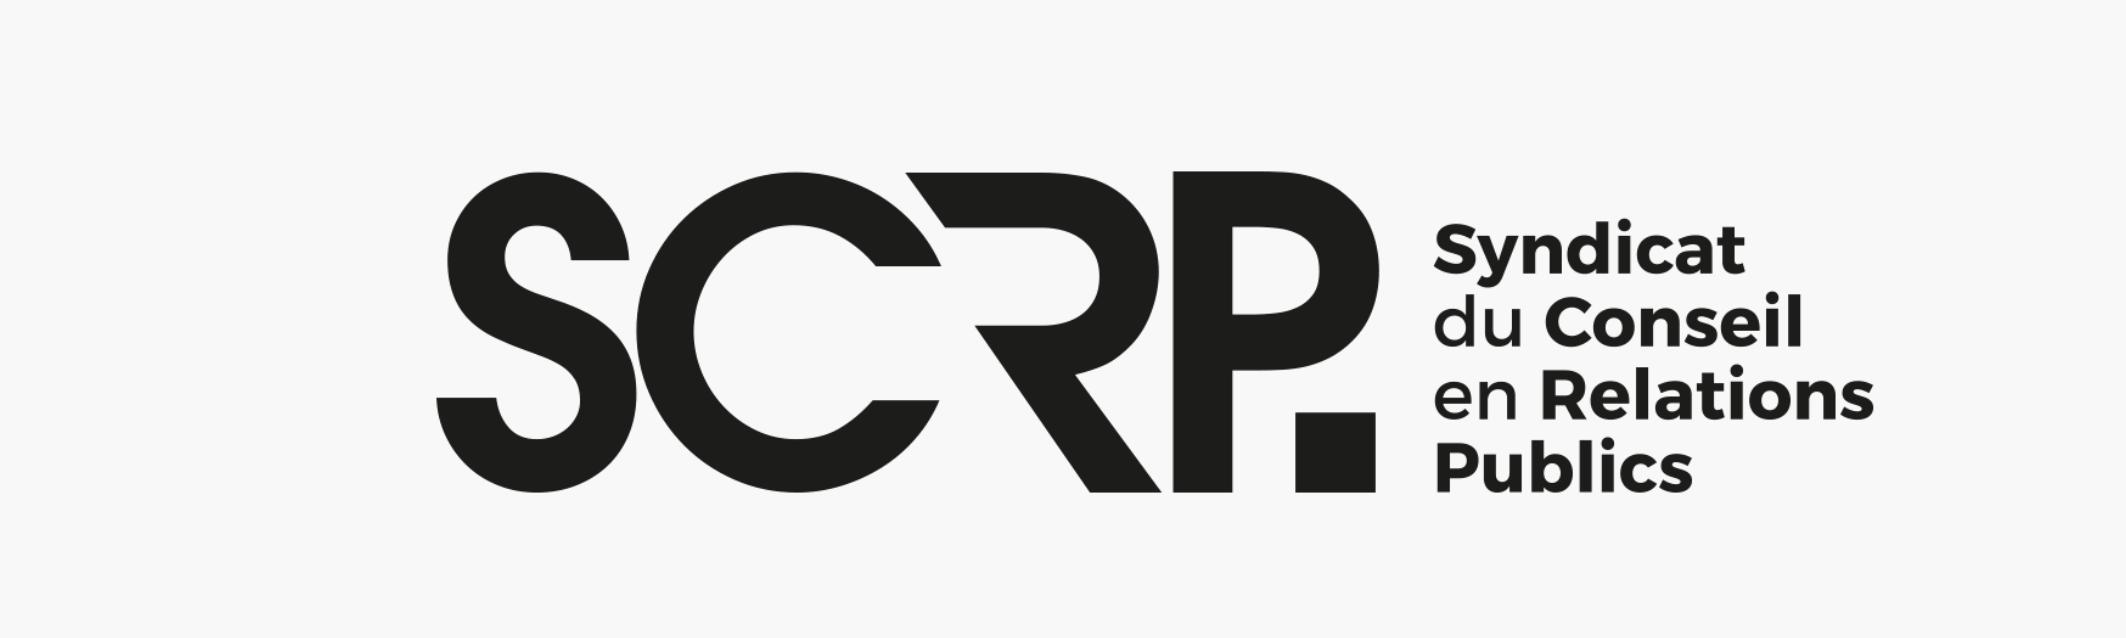 SCRP quitte Syntec Etudes & Conseil